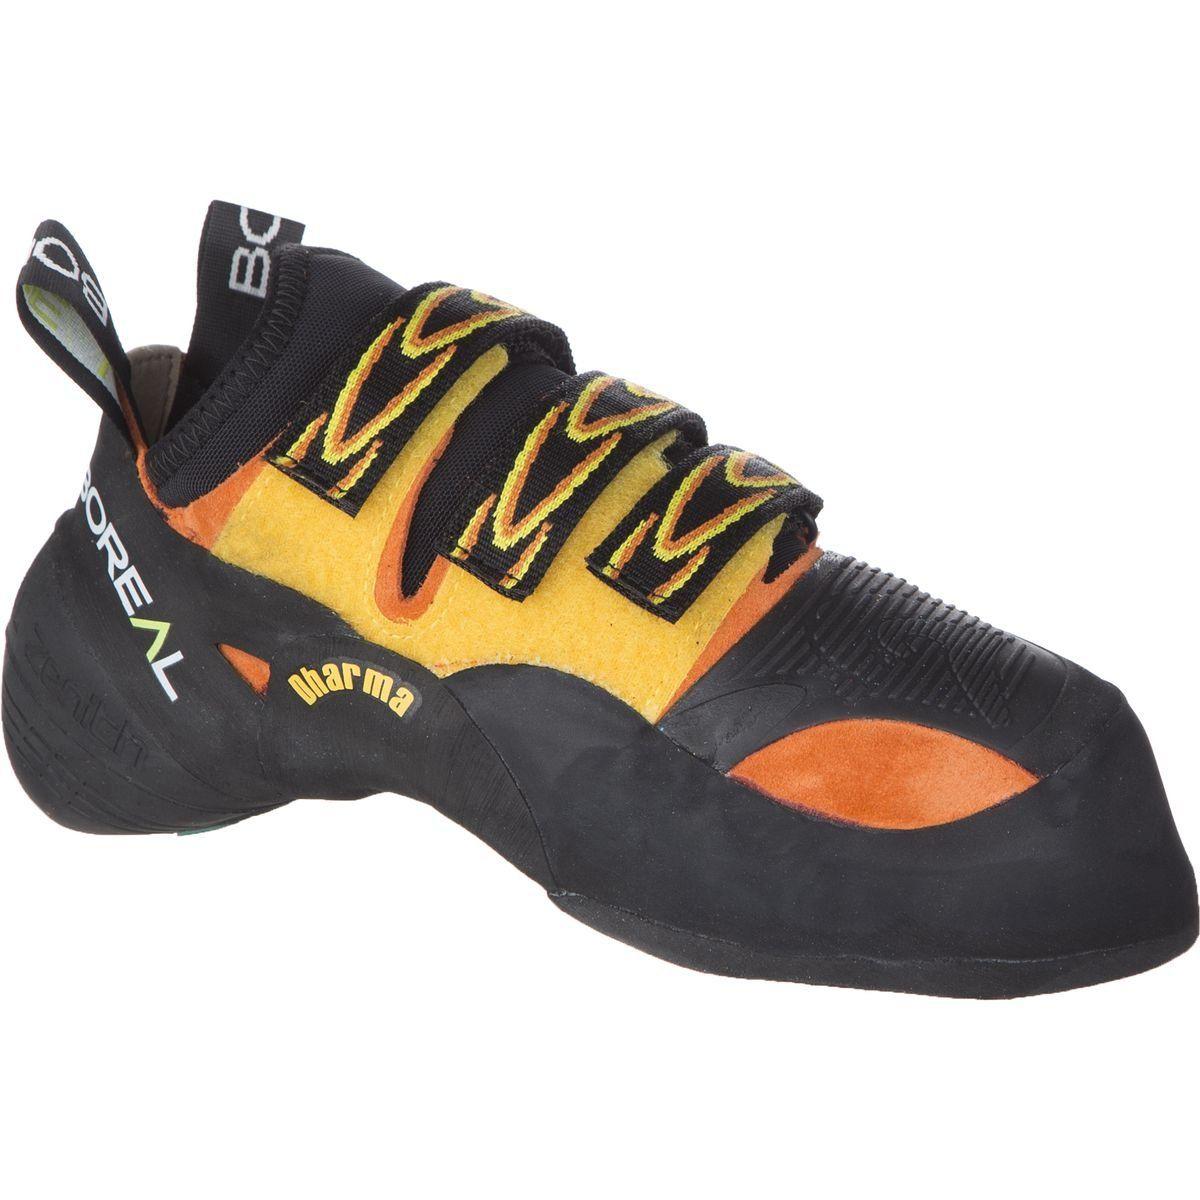 Dharma Climbing Shoe - Men's